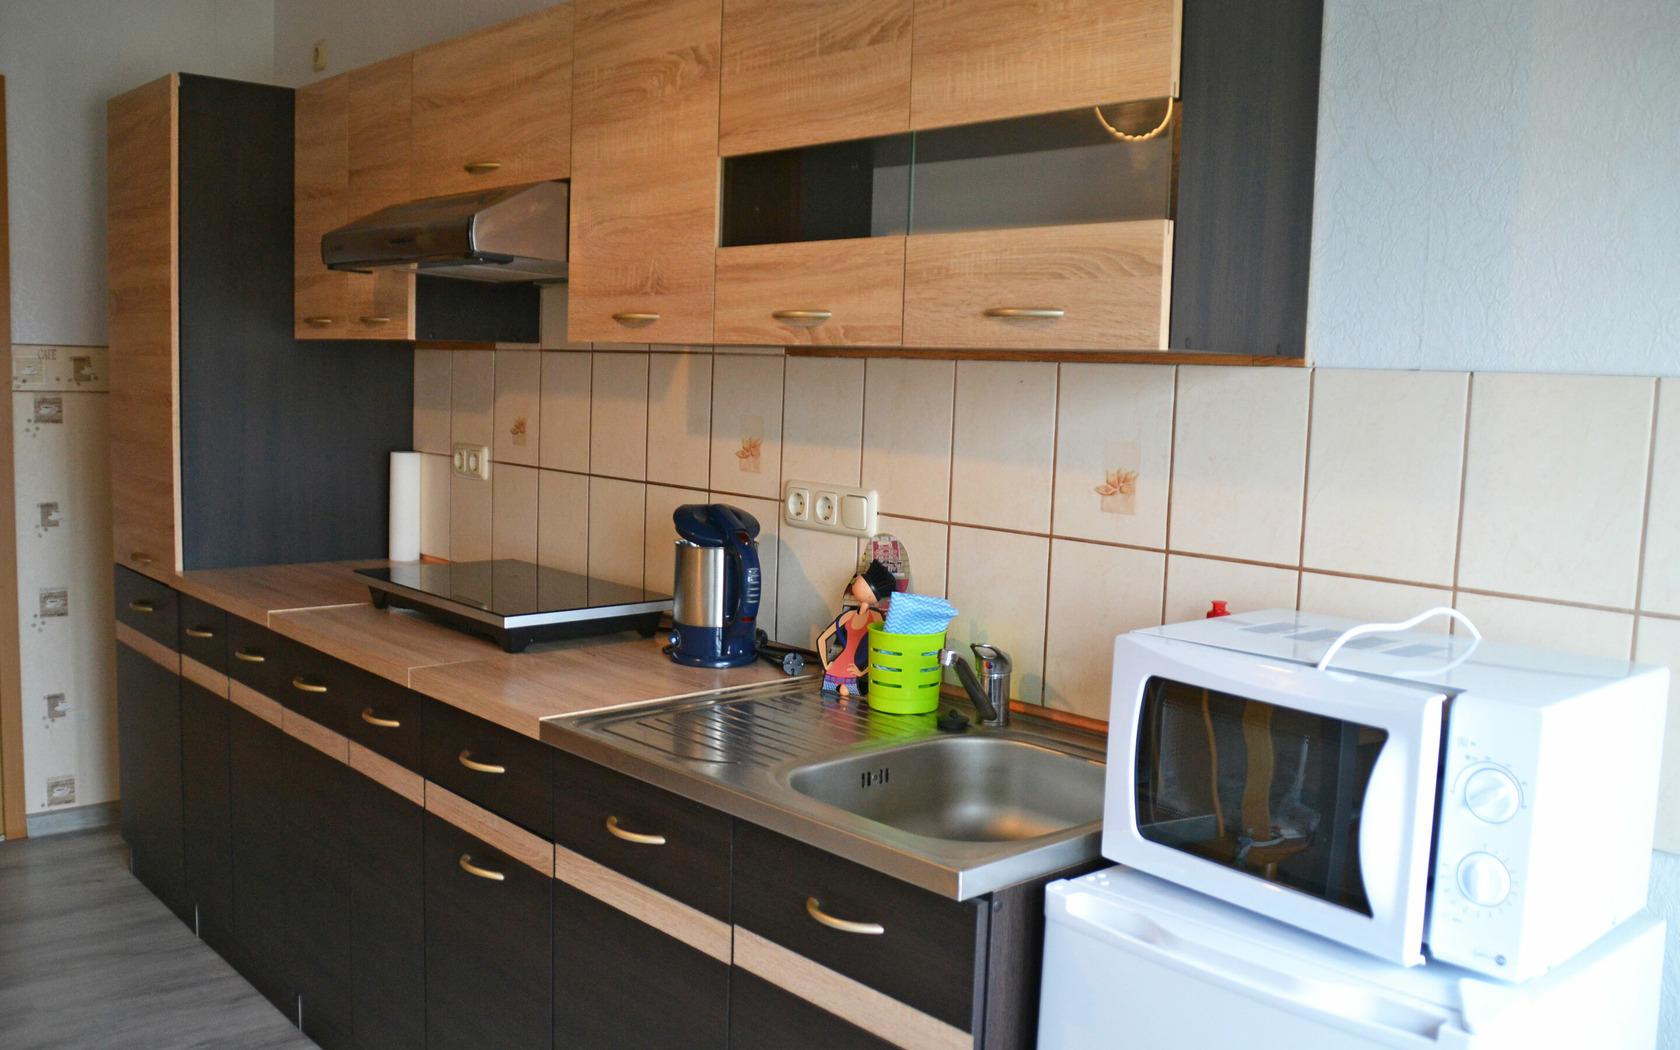 Ferienwohnung Wiesenblick Küchenbereich, Foto: MuT Guben